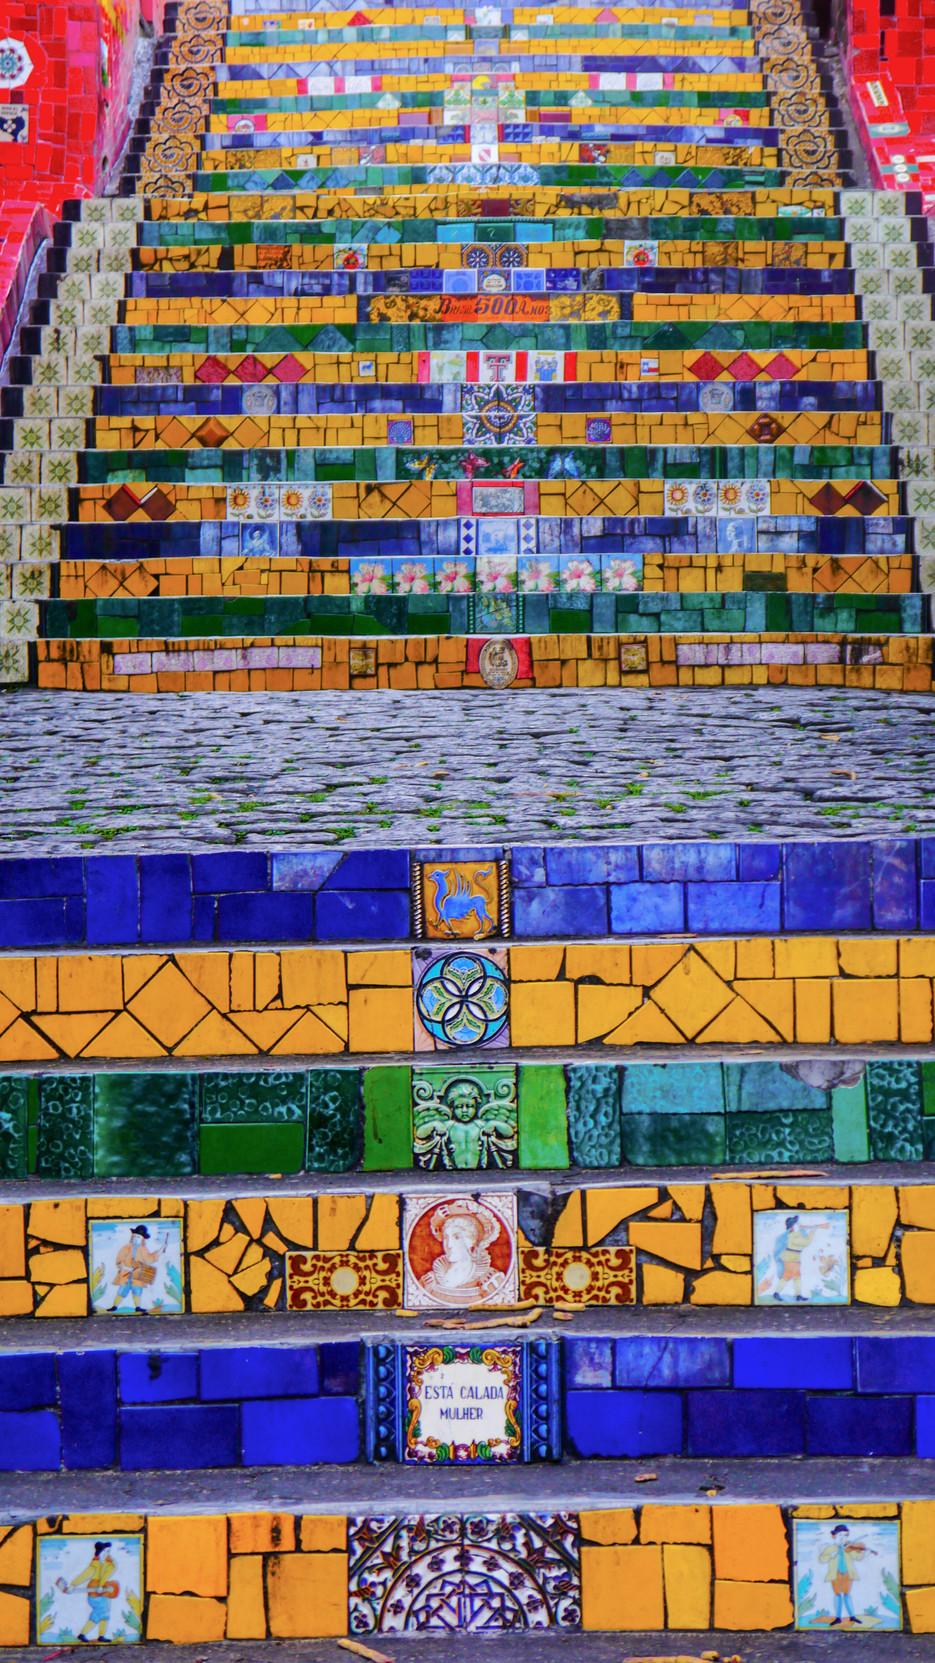 Escadaria Selarón, Rio de Janeiro / Brazil · 2014